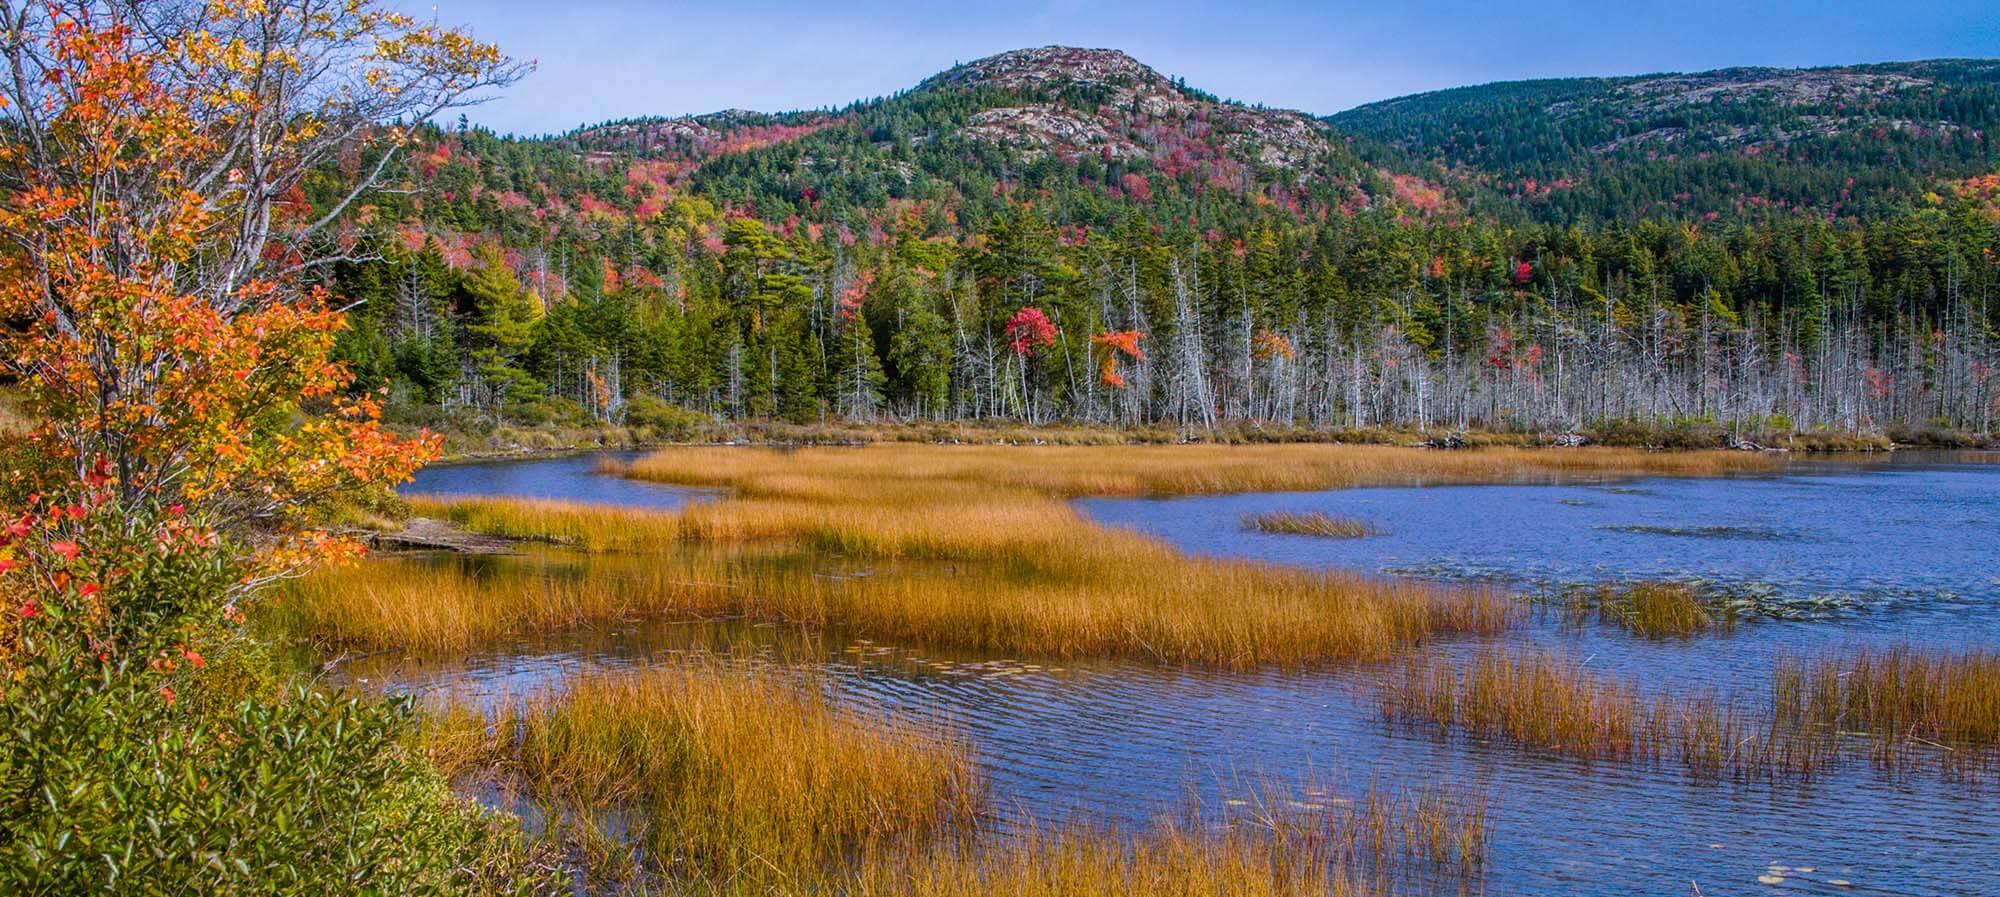 Leaf Peeping in Acadia National Park